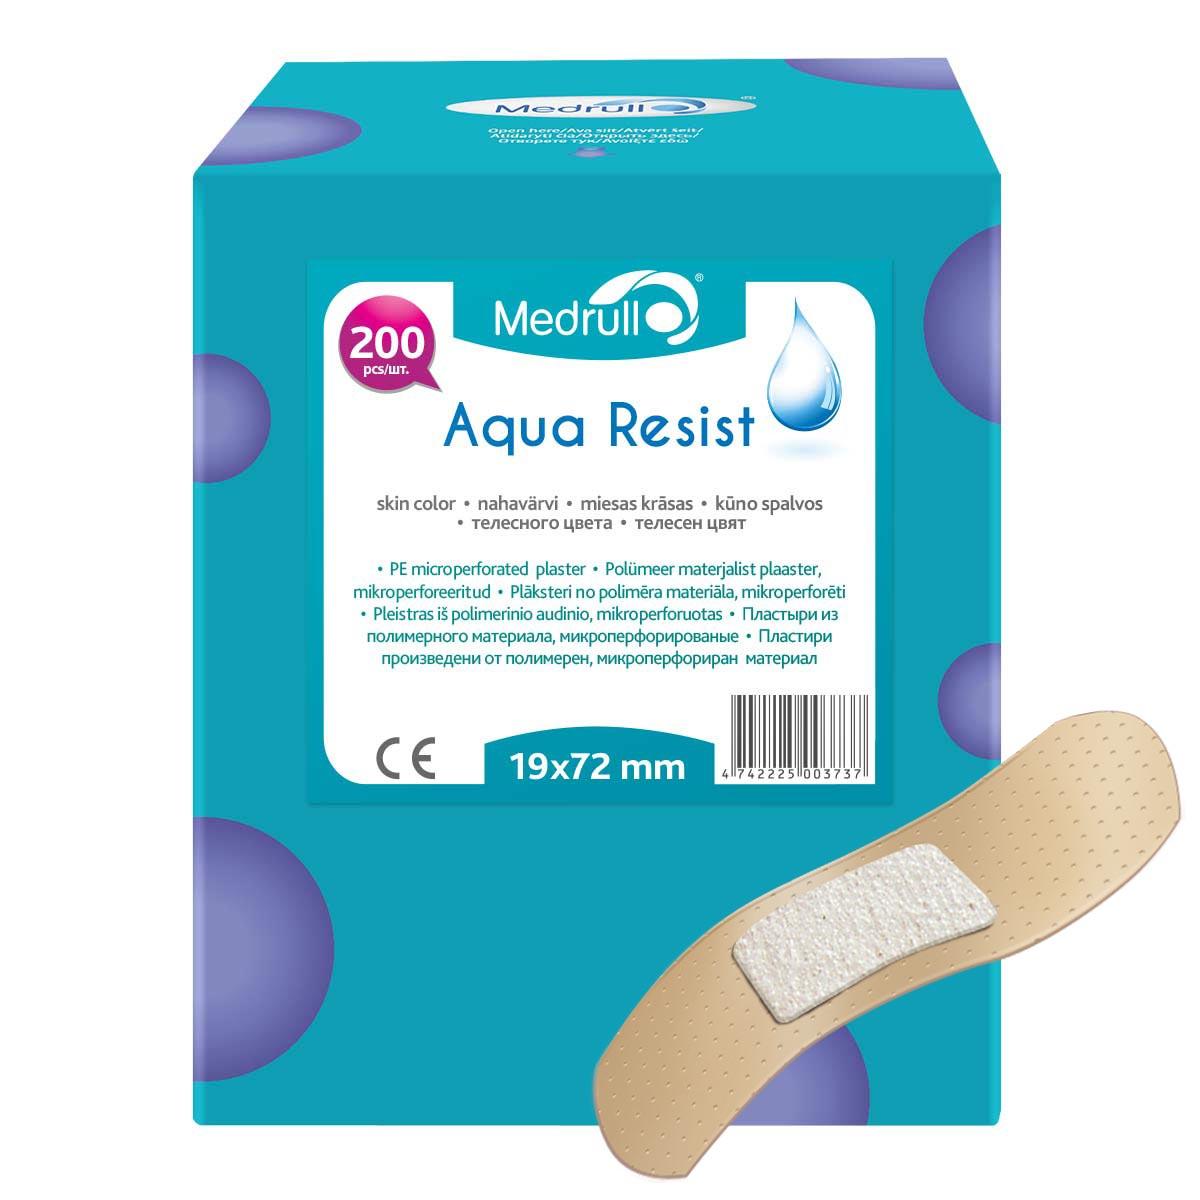 Medrull Набор пластырей Aqua Resist, 1,9х7,2 см, №20027112015Универсальные пластыри удобно и легко защитят рану от попадания влаги и грязи. Изготовлены из тонкого, перфорированного, полимерного материала, благодаря перфорации не препятствуют доступу воздуха к коже. Свойства пластыря: водонепроницаемые, грязенепроницаемые, гипоаллергенные, эластичные, дышащие, плотно прилегающие. Абсорбирующая подушечка изготовлена из вискозы и обладает высокой впитываемостью. Верхняя часть подушечки обработана полипропиленом, что защищает от вероятности прилипания пластыря к поврежденной поверхности кожи.